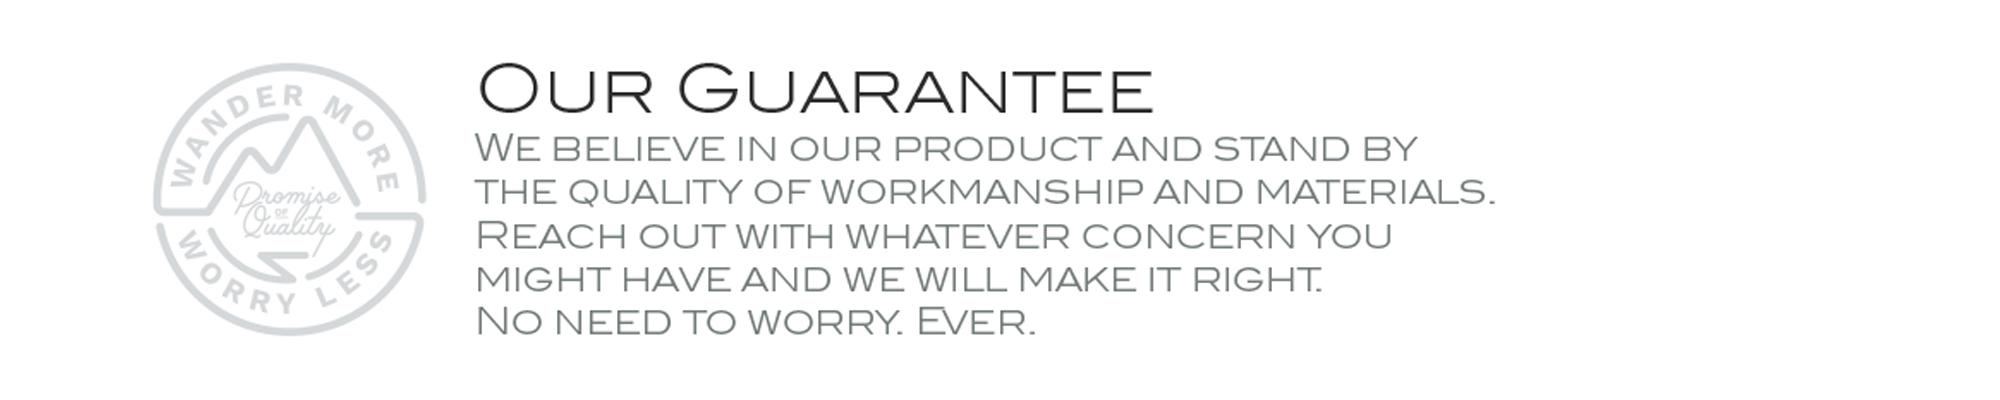 Wandrd Neck Strap - Lifetime Warranty